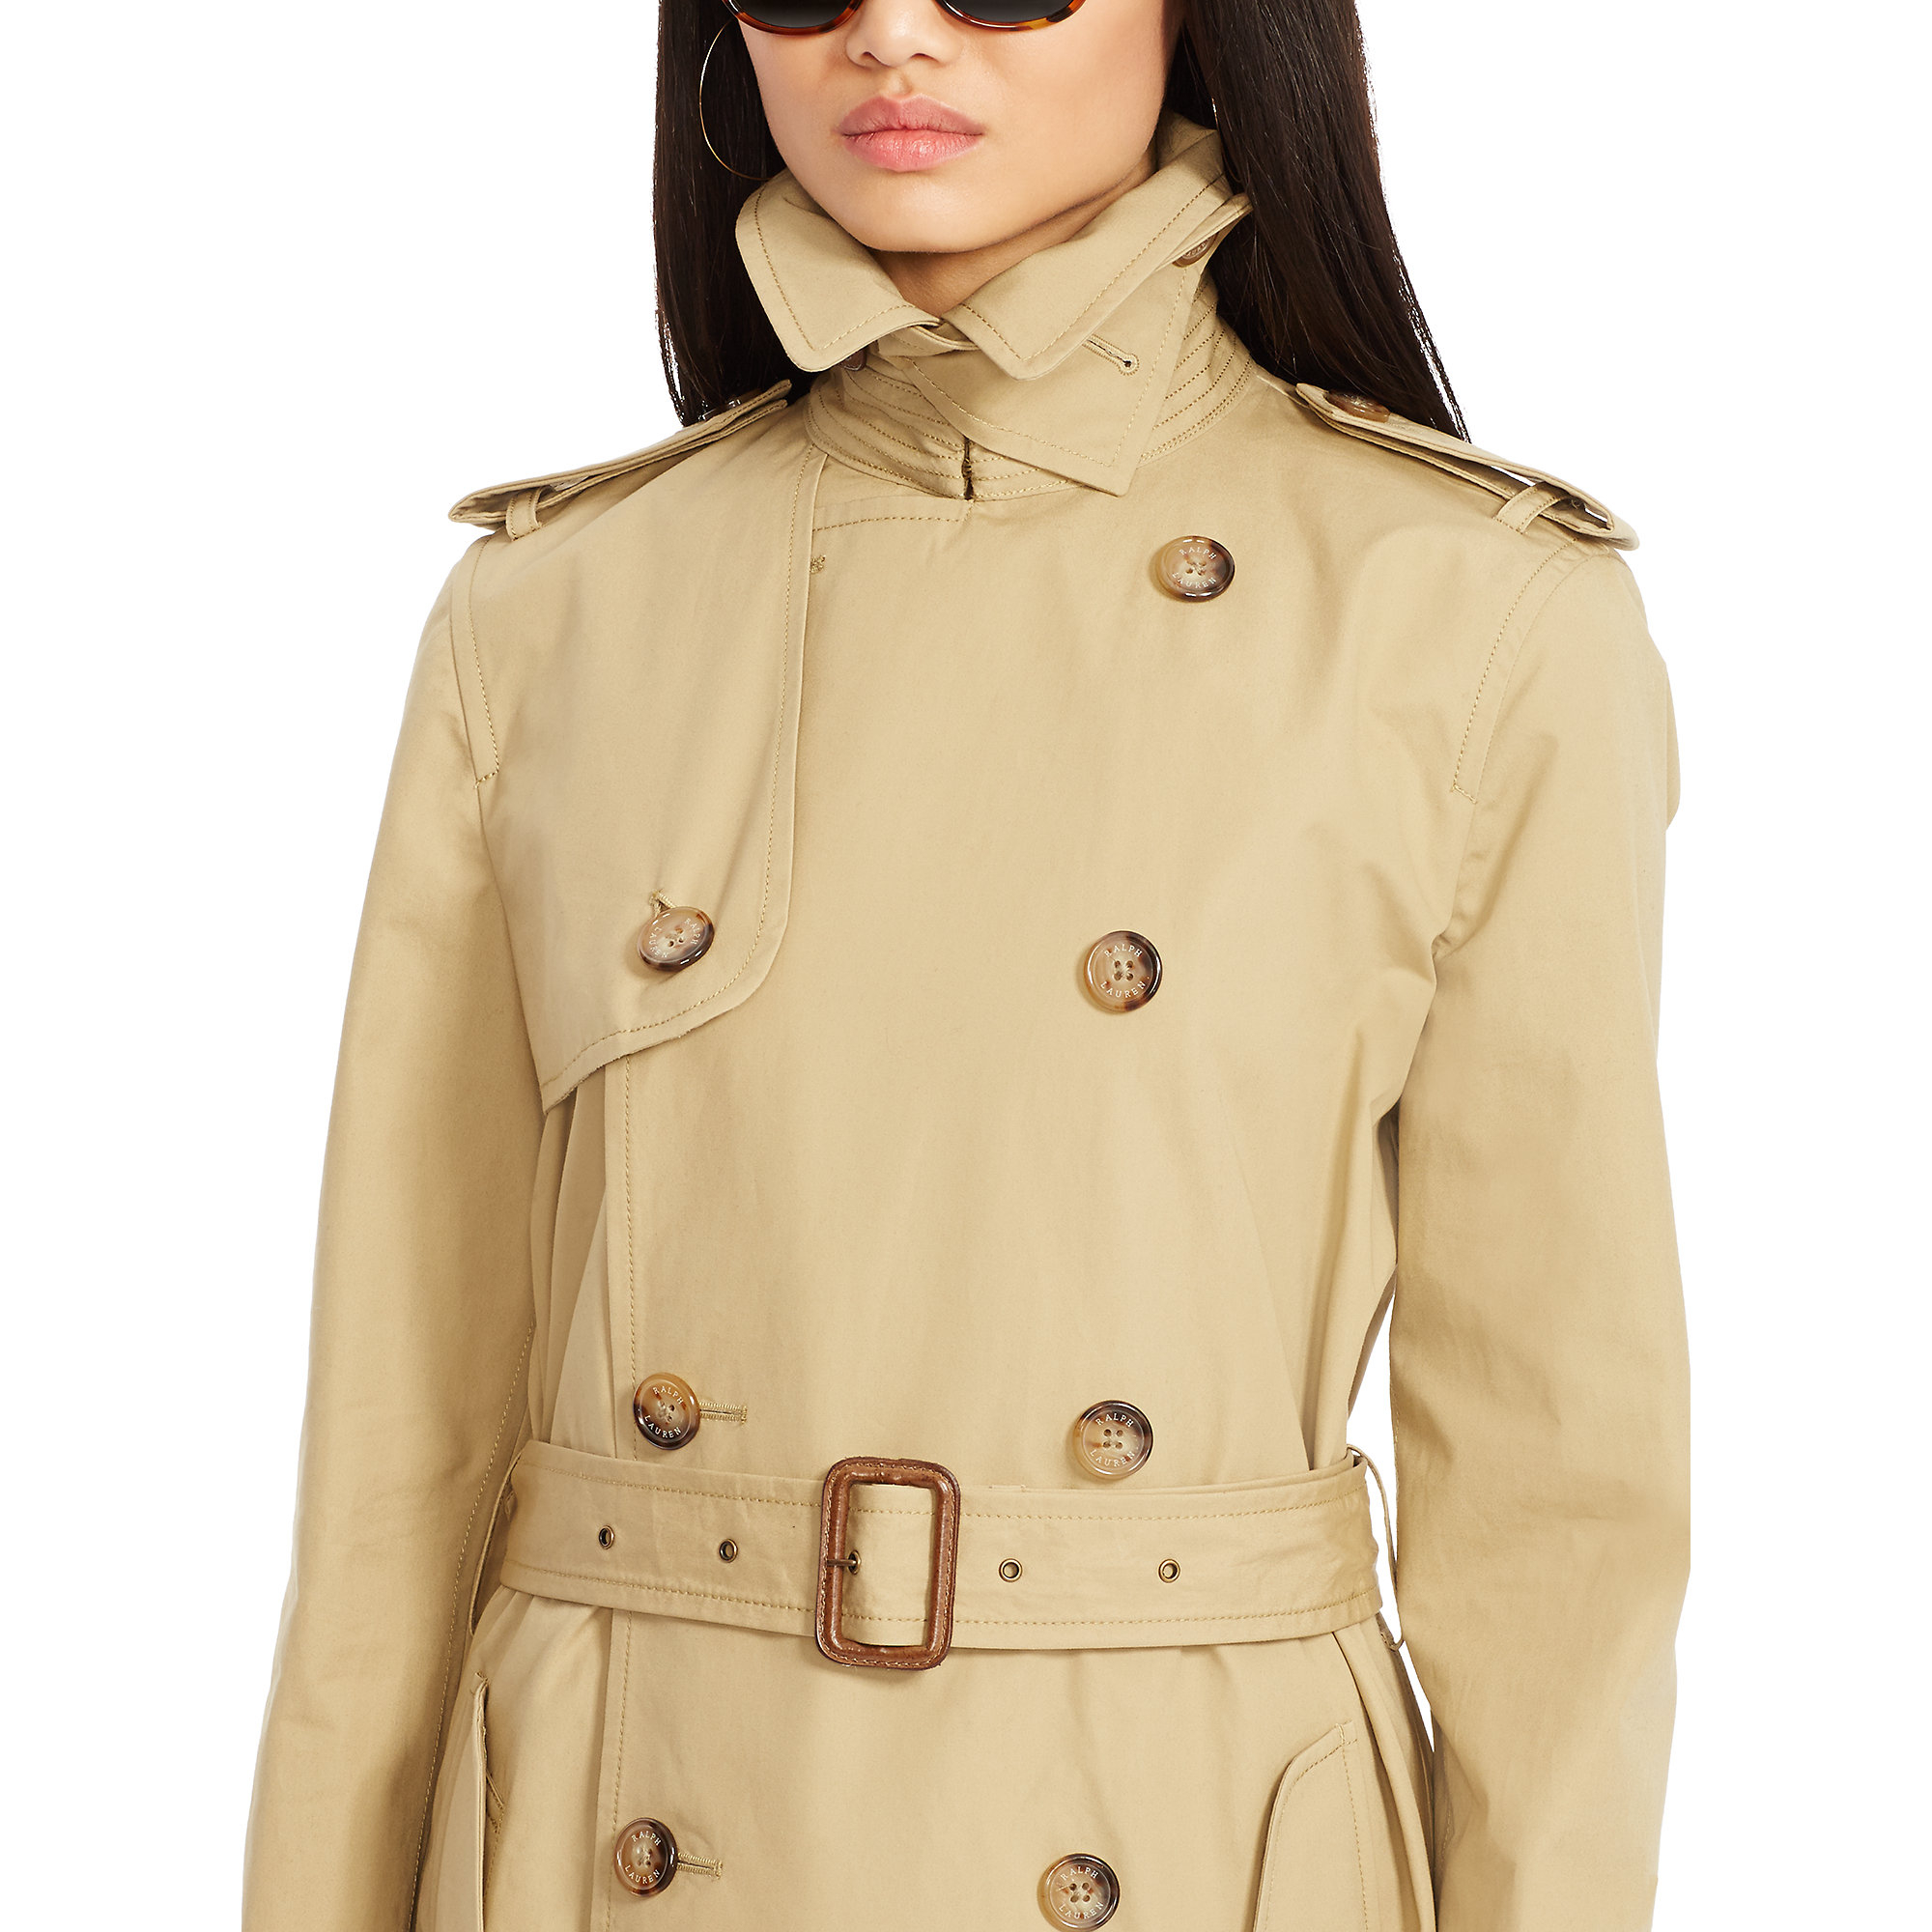 Women polo coats